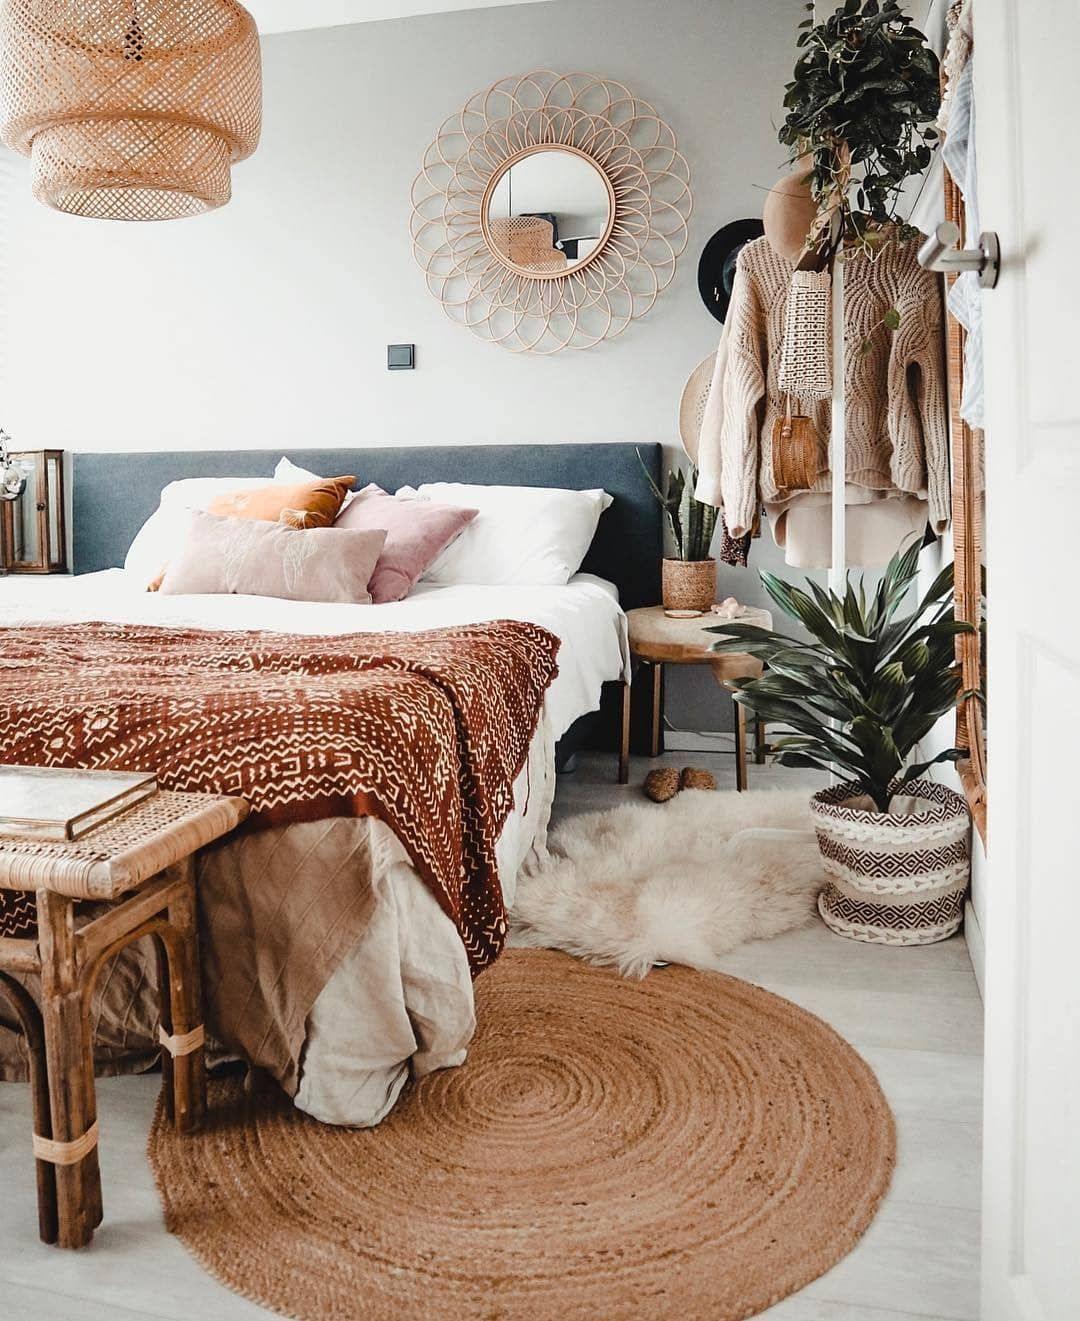 """SoLebIch.de on Instagram: """"Ein kleiner Boho-Traum im Schlafzimmer von @styledbymarit aus den Niederlanden�️#SoLebIch #repost #schlafzimmer @howwelive_official"""""""